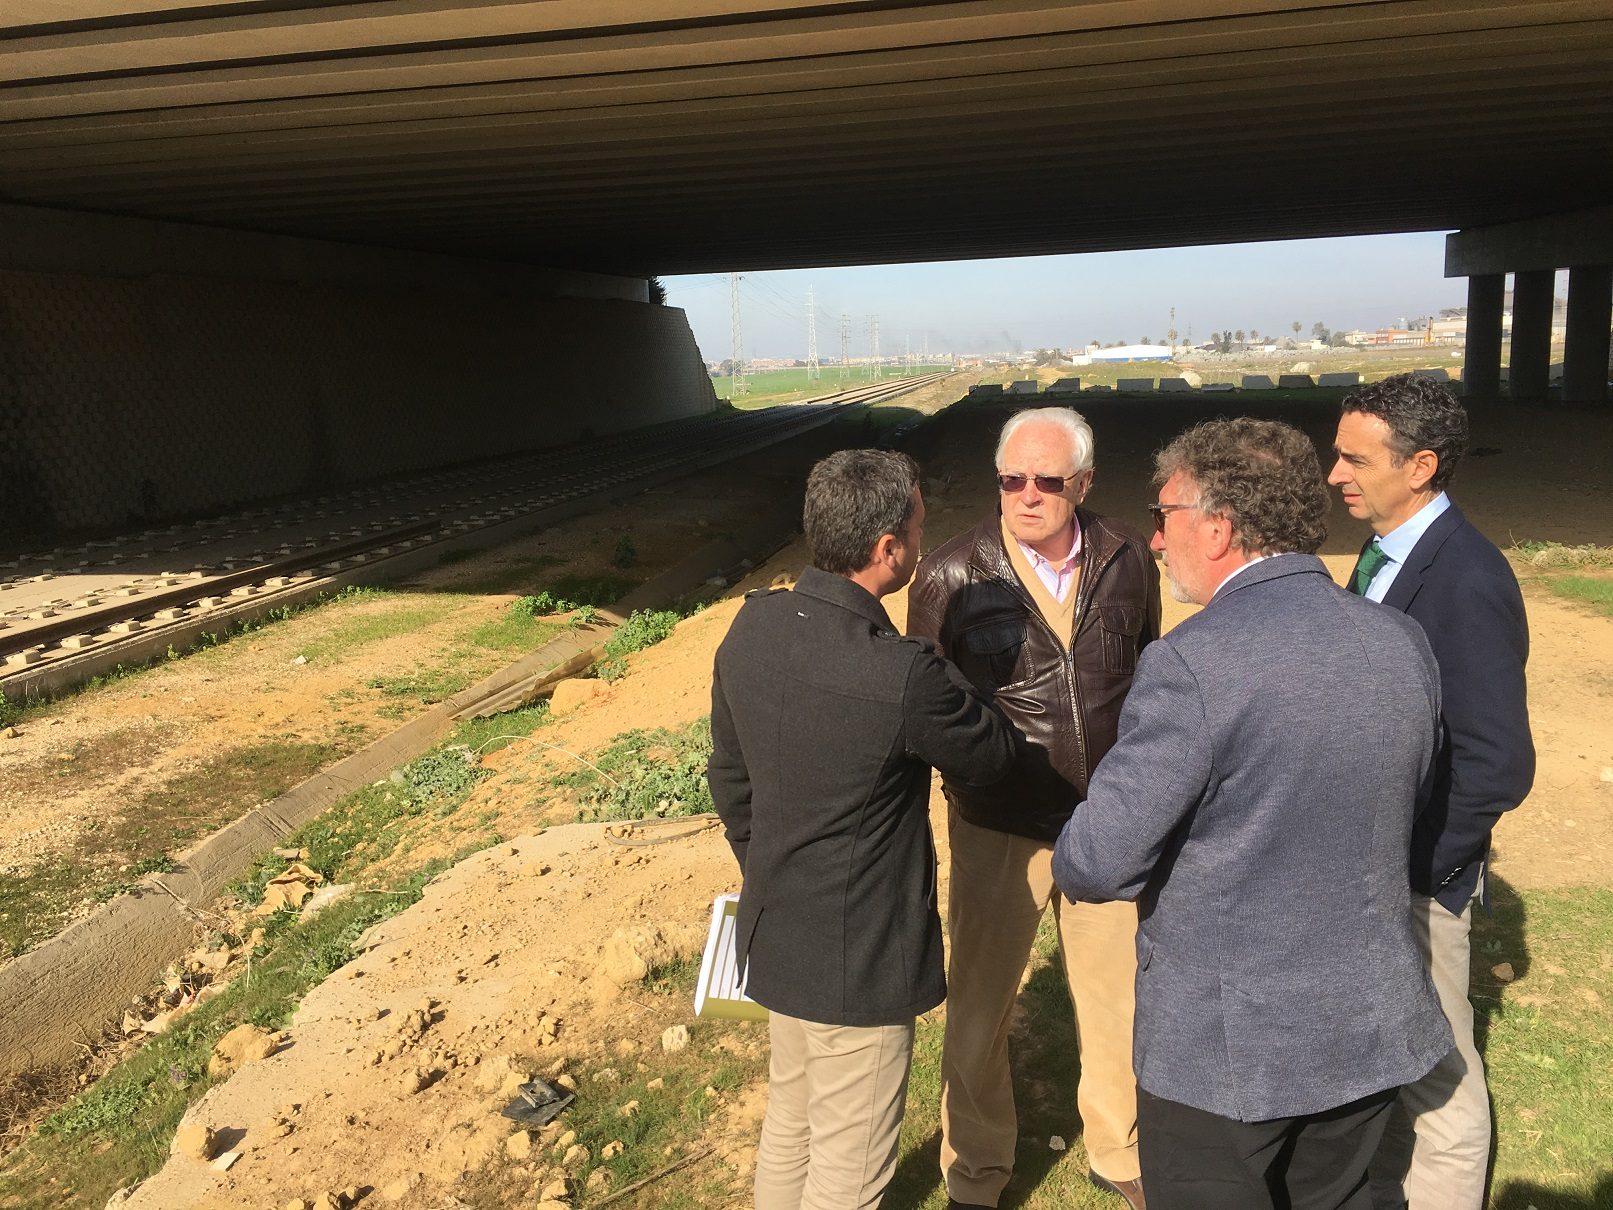 El viceconsejero Raynaud visita las obras del tranvía.